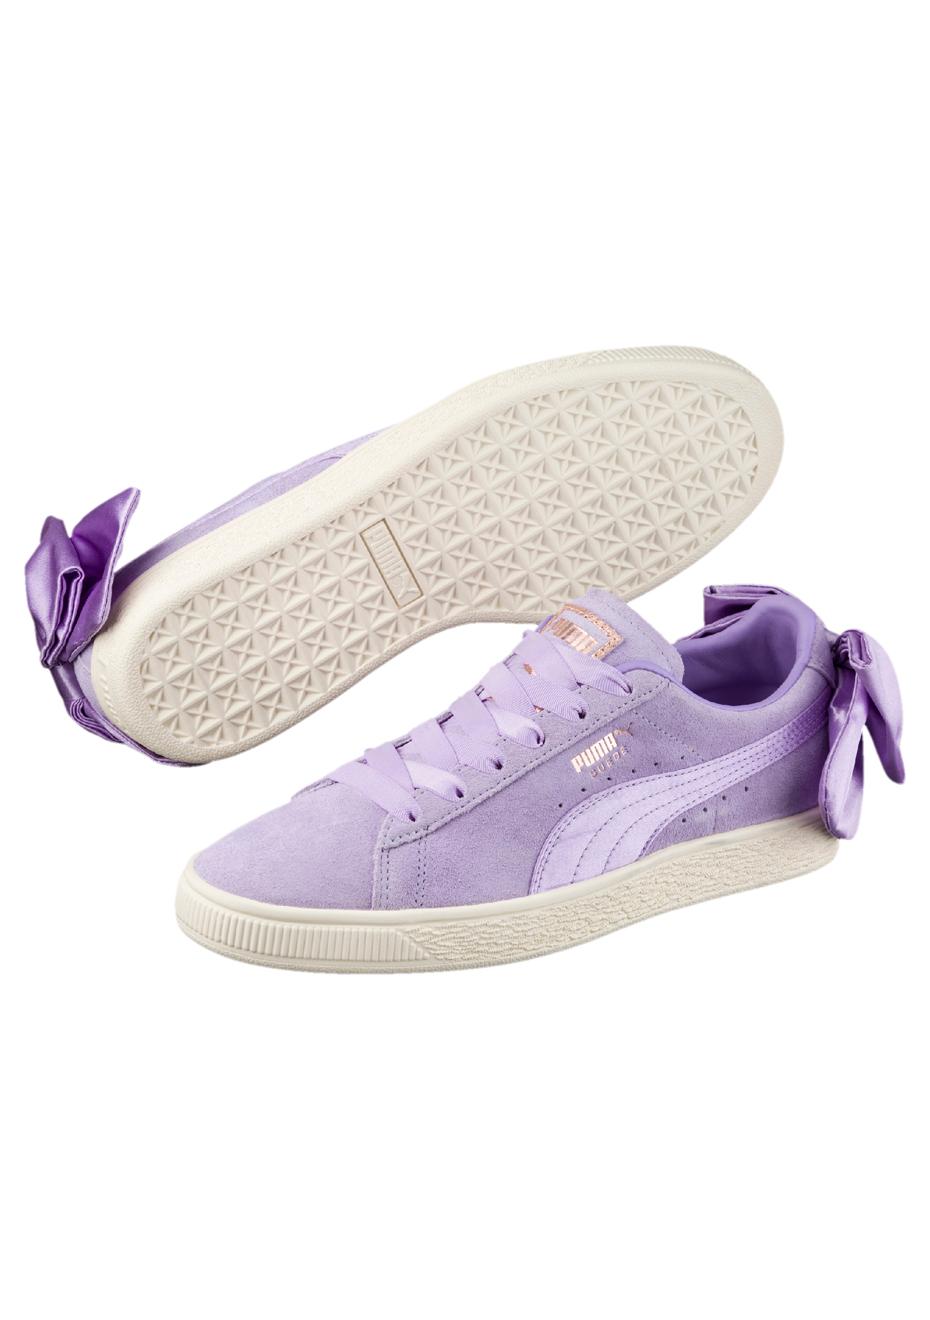 Puma Suede Bow W Schuhe Purple Rose: : Schuhe